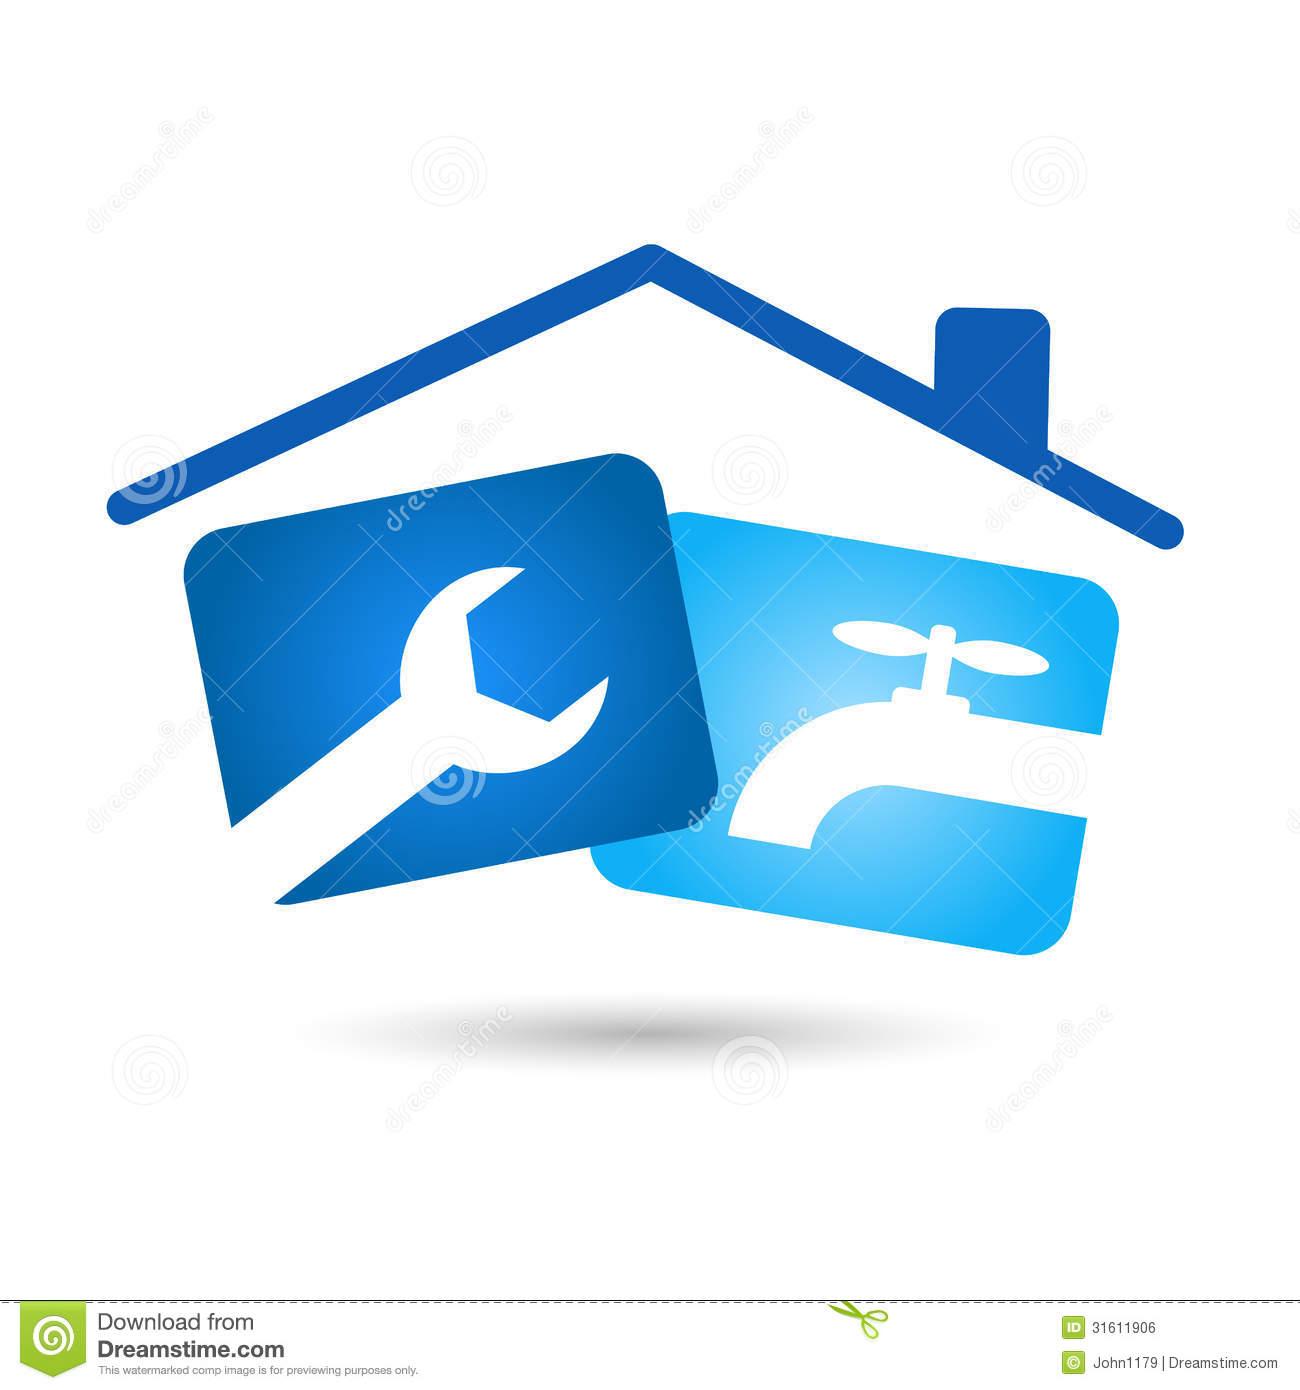 Free plumbing logos clip art picture freeuse Plumbing Logos Clipart - Clipart Kid picture freeuse